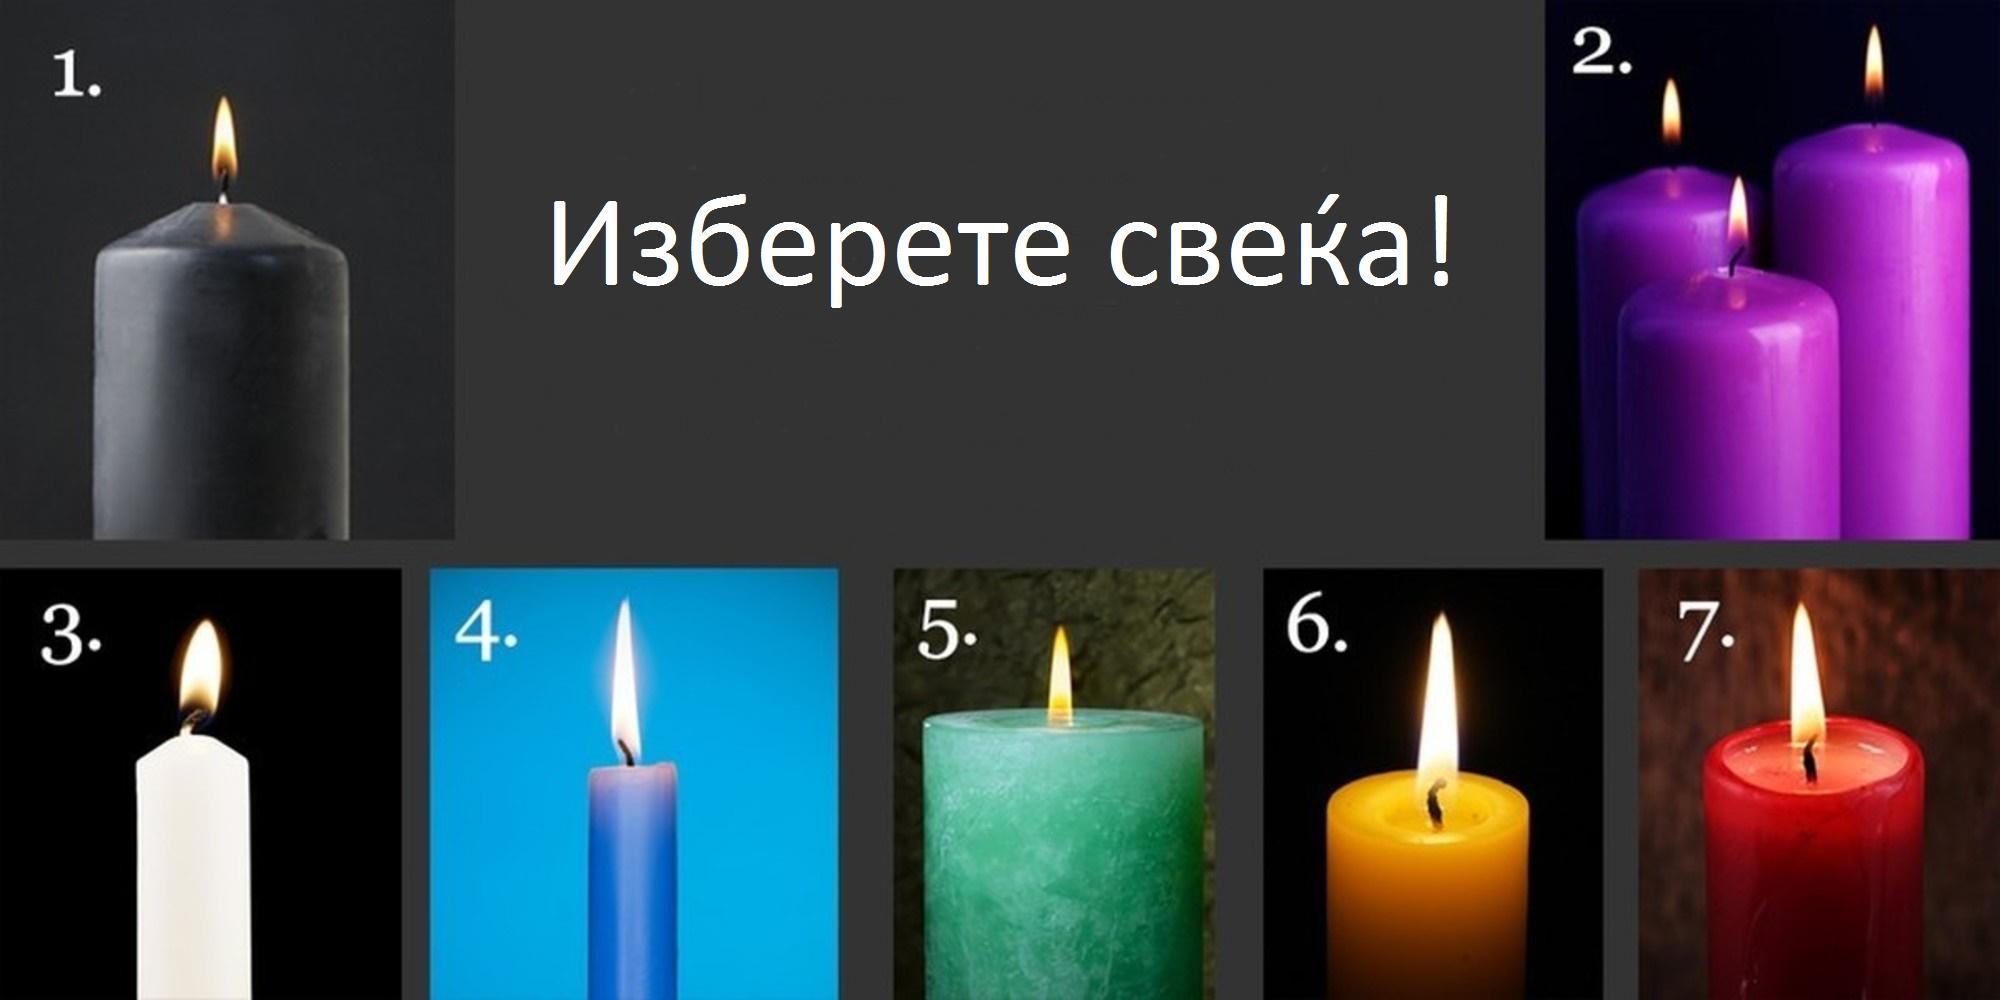 1-potprete-se-na-vashata-intuicija-i-izberete-ja-spored-vas-najprivlechnata-svekja-www.kafepauza.mk_